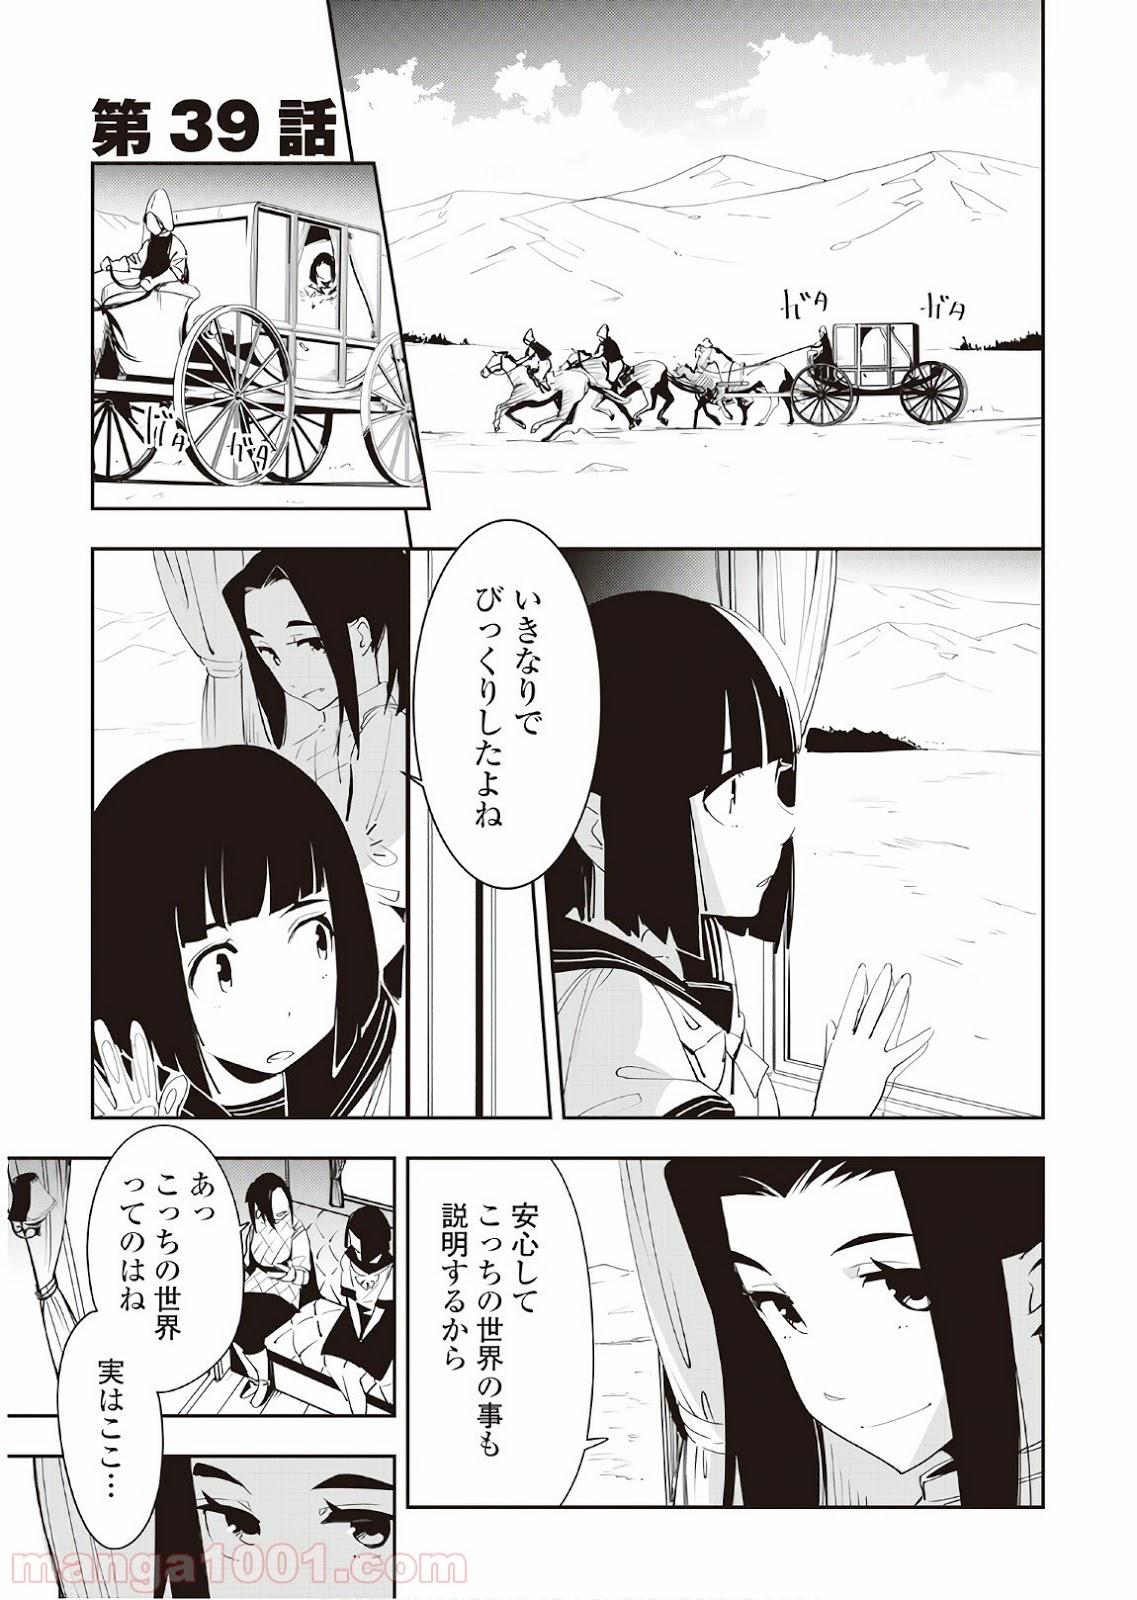 地方騎士ハンスの受難 - Raw 【第39話】 - Manga1001.com